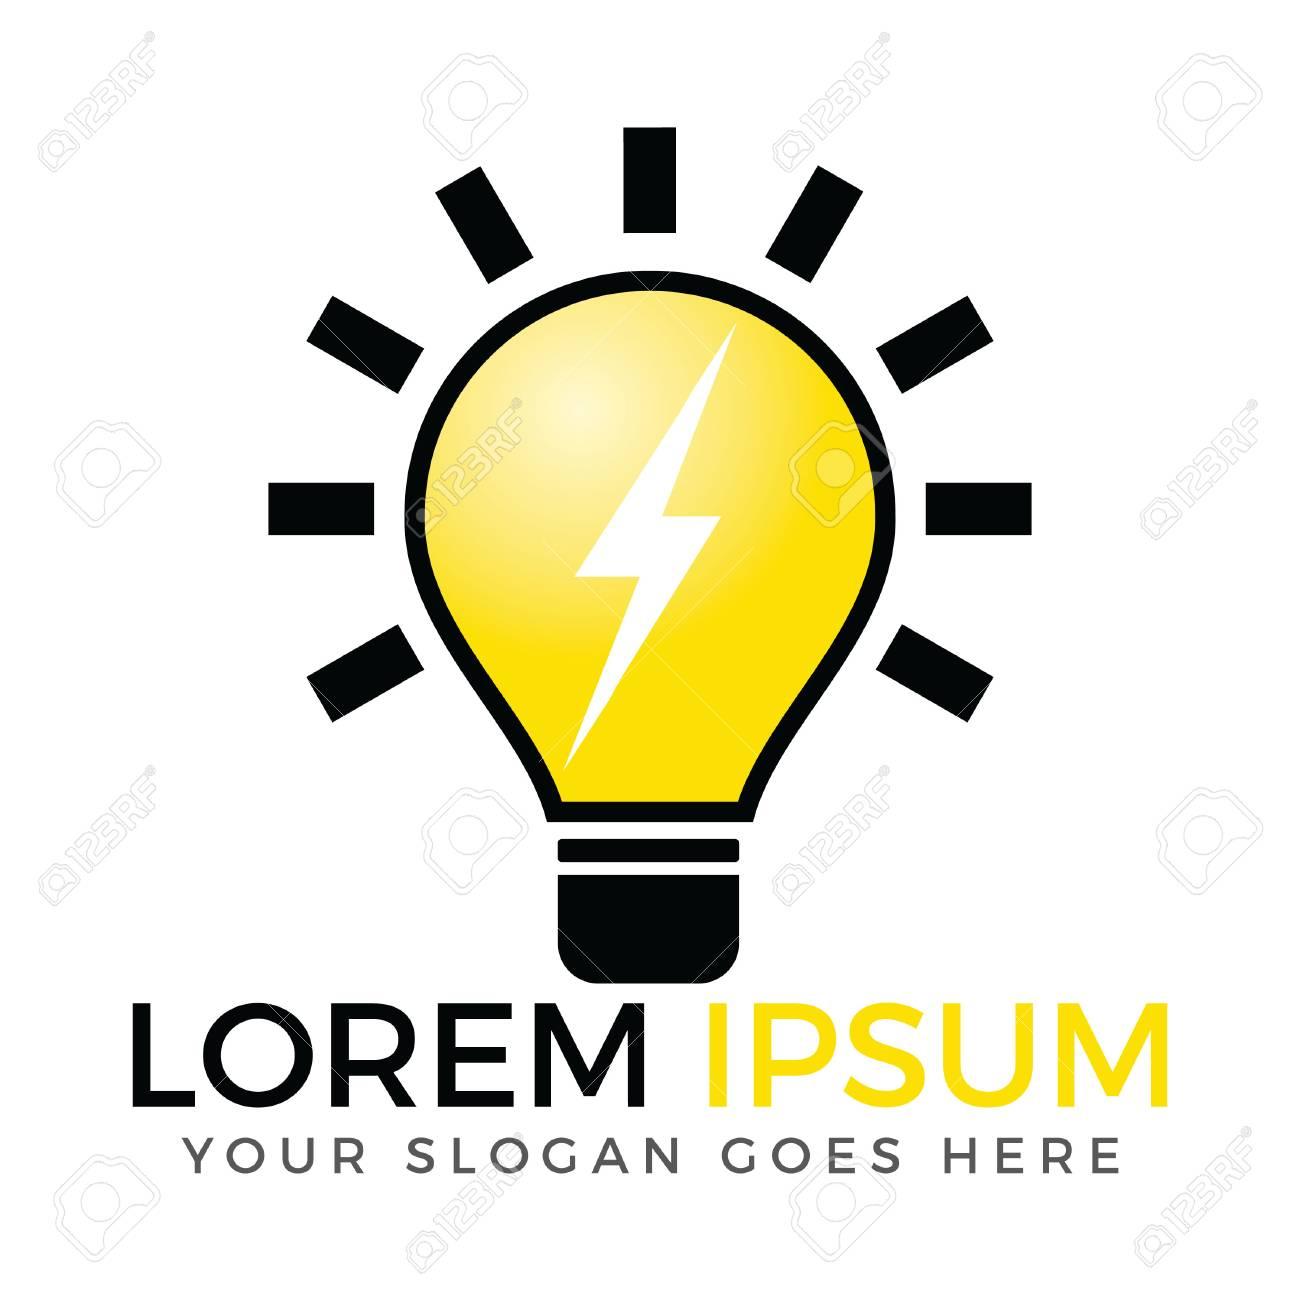 Light bulb and thunder bolt logo design  Lightning bulb logo